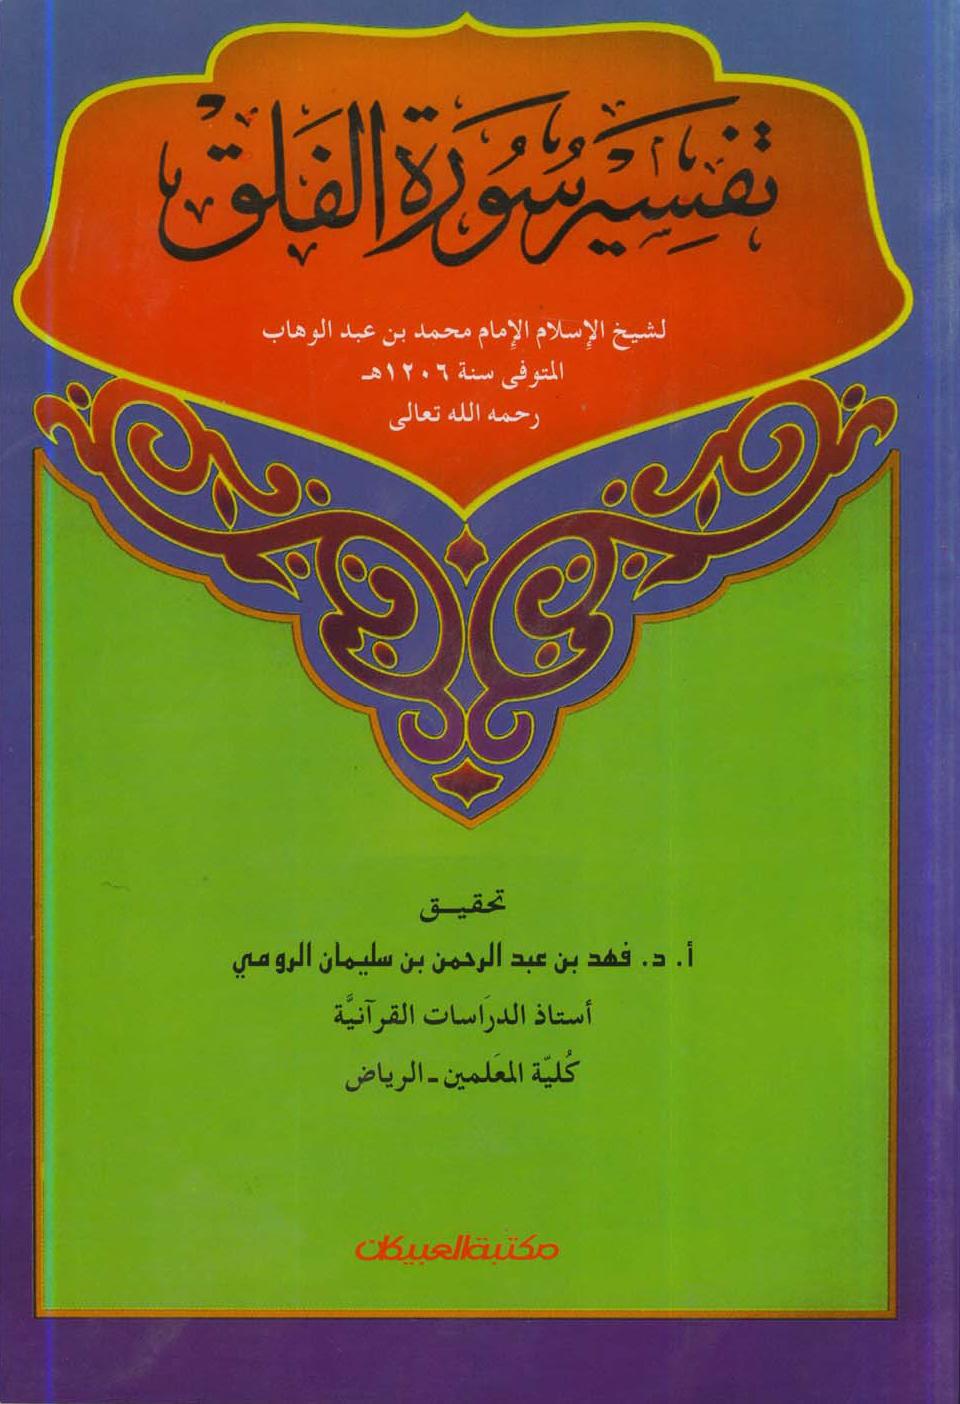 تحميل كتاب تفسير سورة الفلق (محمد بن عبد الوهاب) لـِ: الإمام محمد بن عبد الوهاب بن سليمان آل مشرف التميمي (ت 1206)